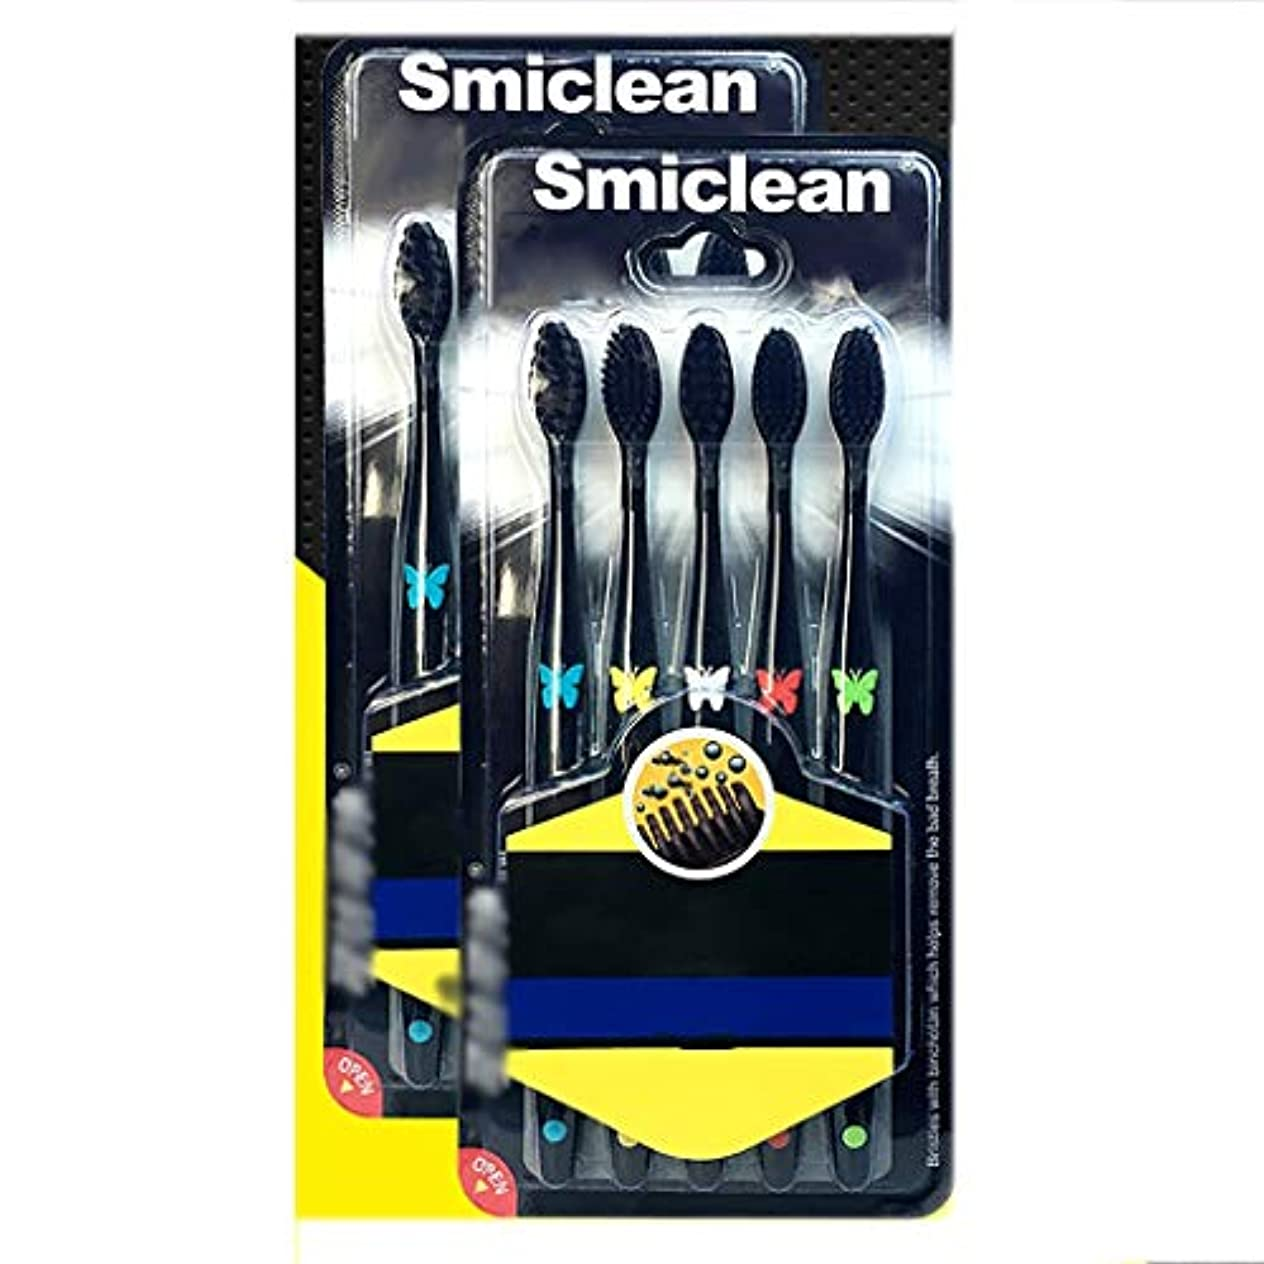 解決する抗議怒り柔らかく、小さいヘッド歯ブラシ、大人のタケ木炭旅行家10の棒